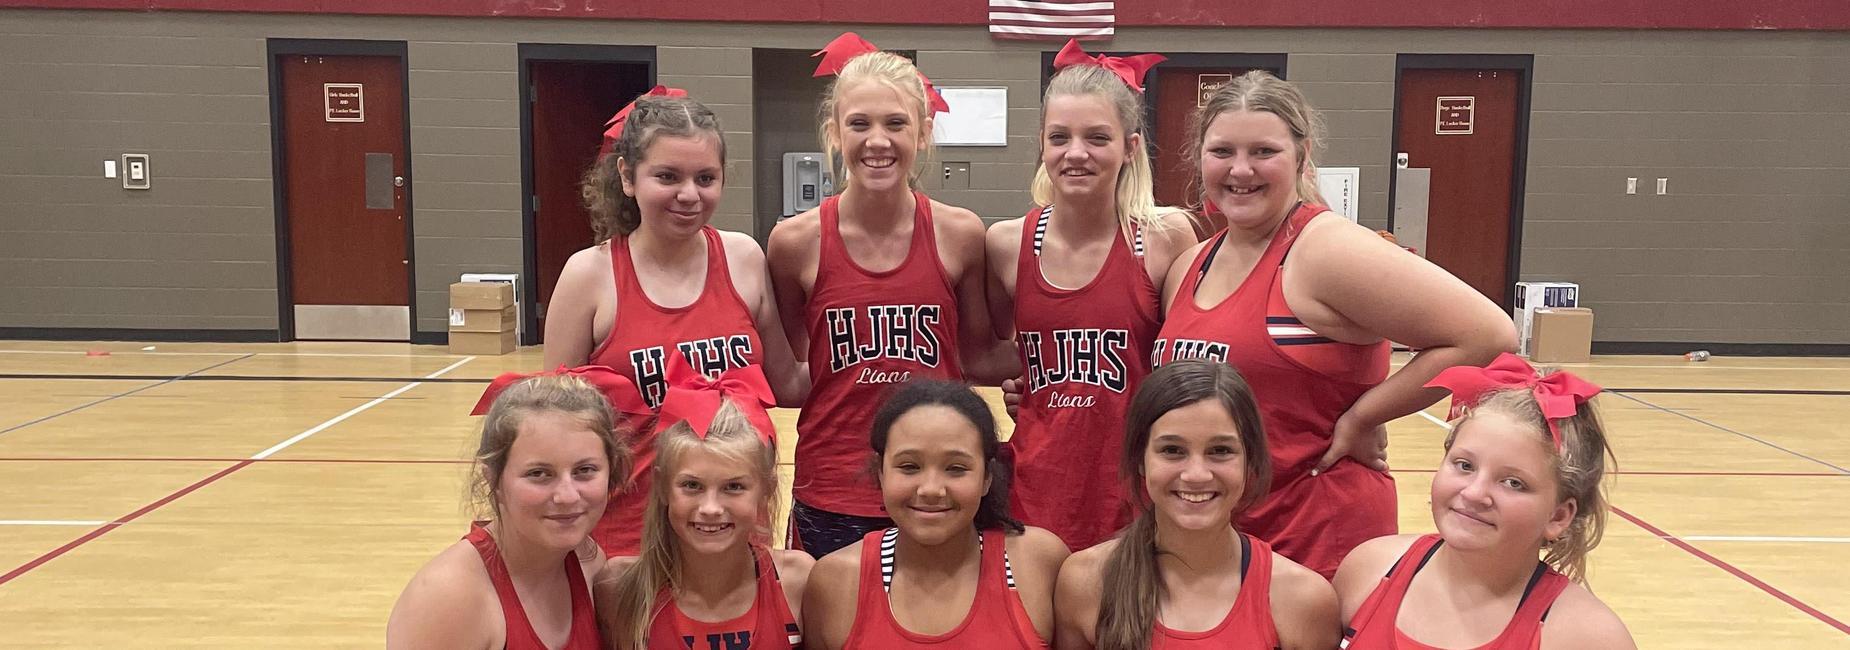 Jr. High Cheer Team